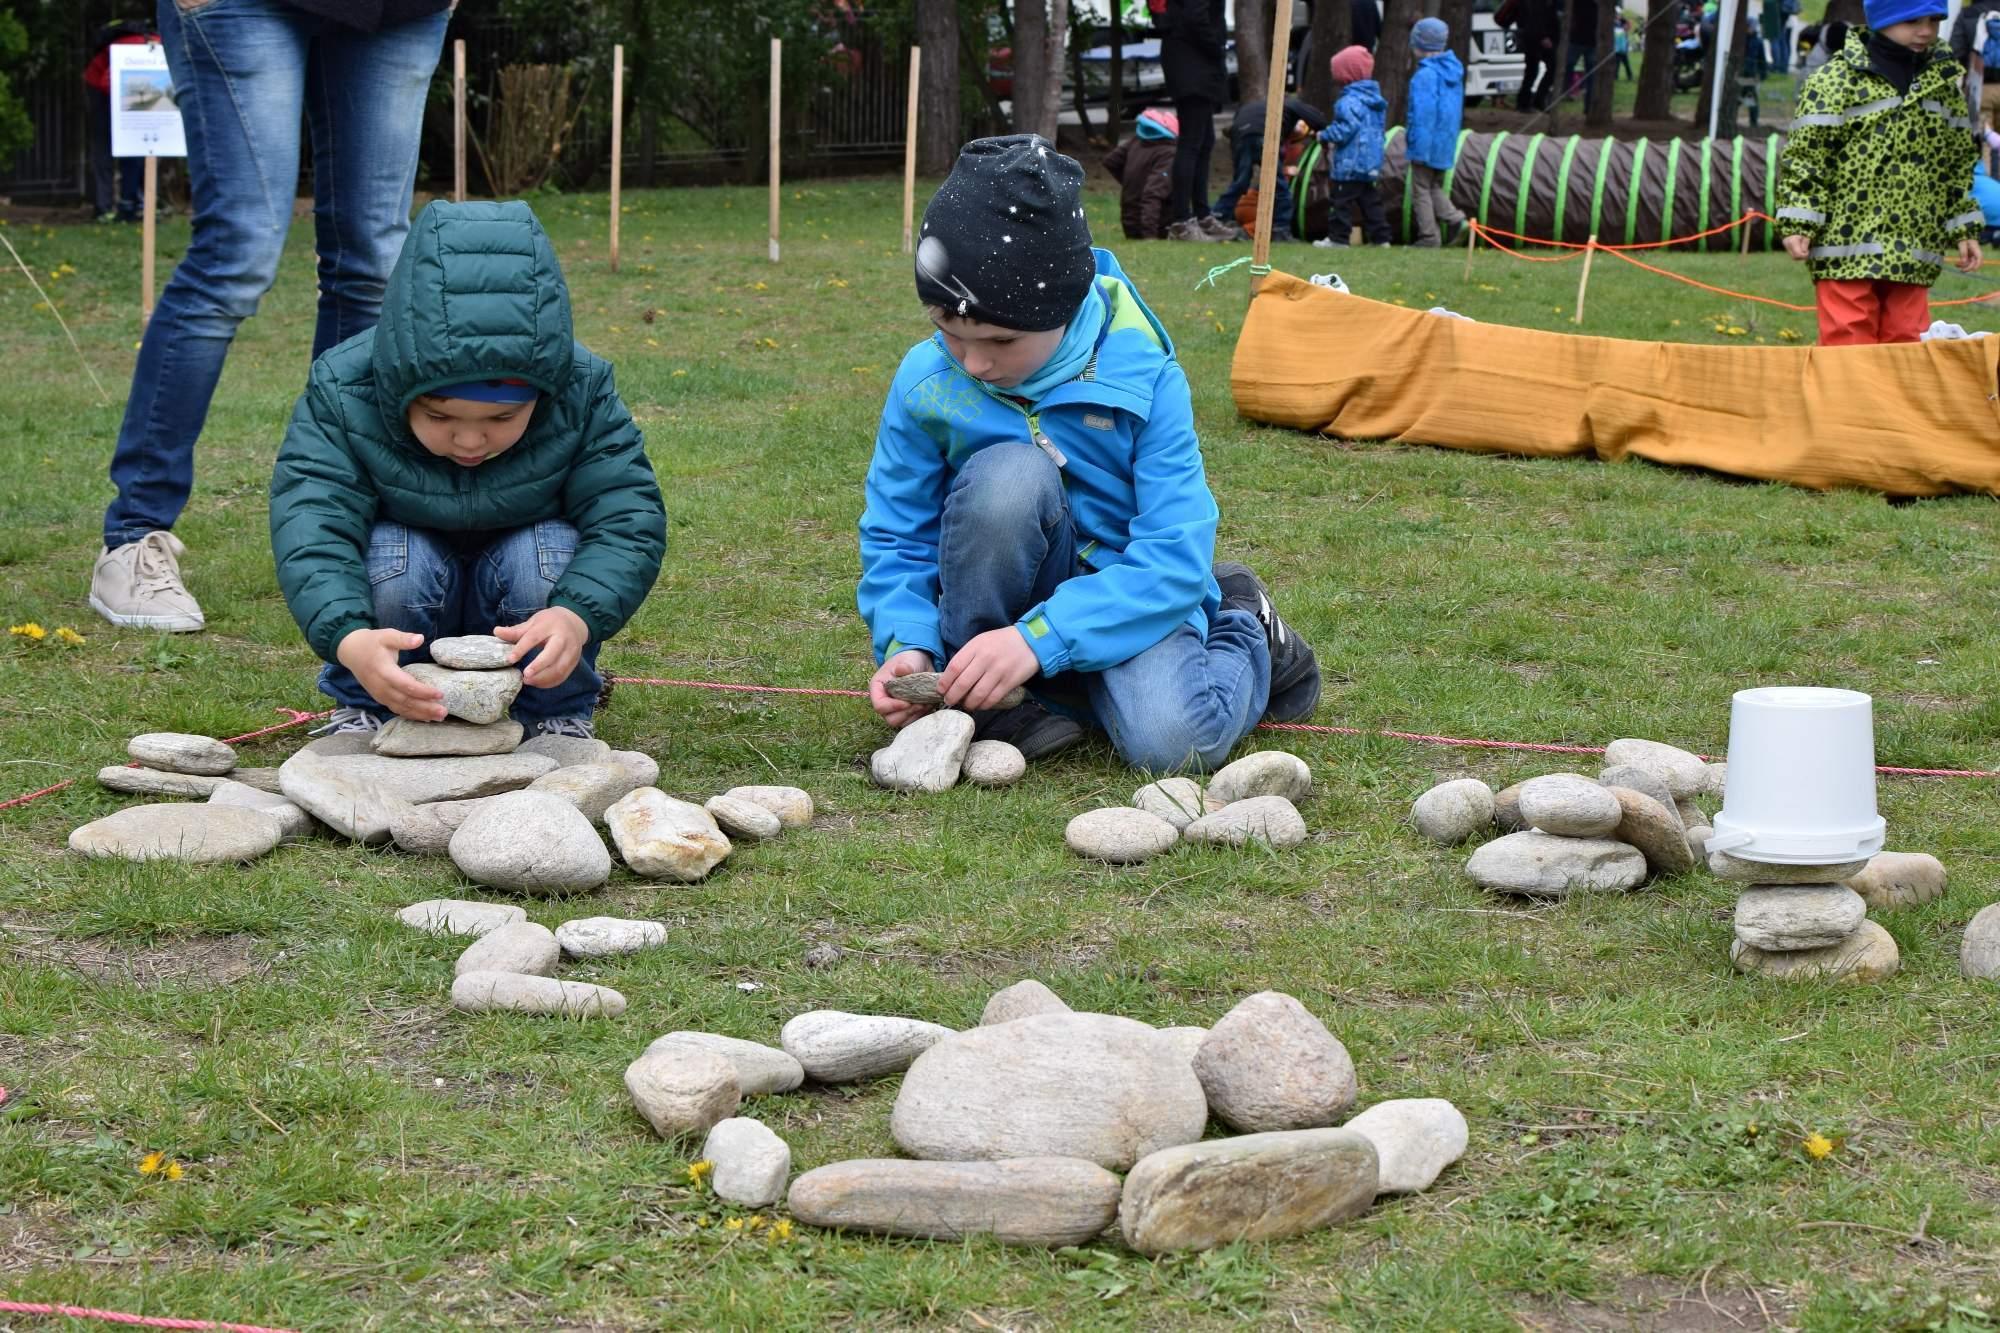 Děti si na začátku mohli koupit pytlíček, do kterého na každém stanovišti dostaly kamínek. S těmi pak mohly hrát různé hry. Foto: Lenka Jebáčková